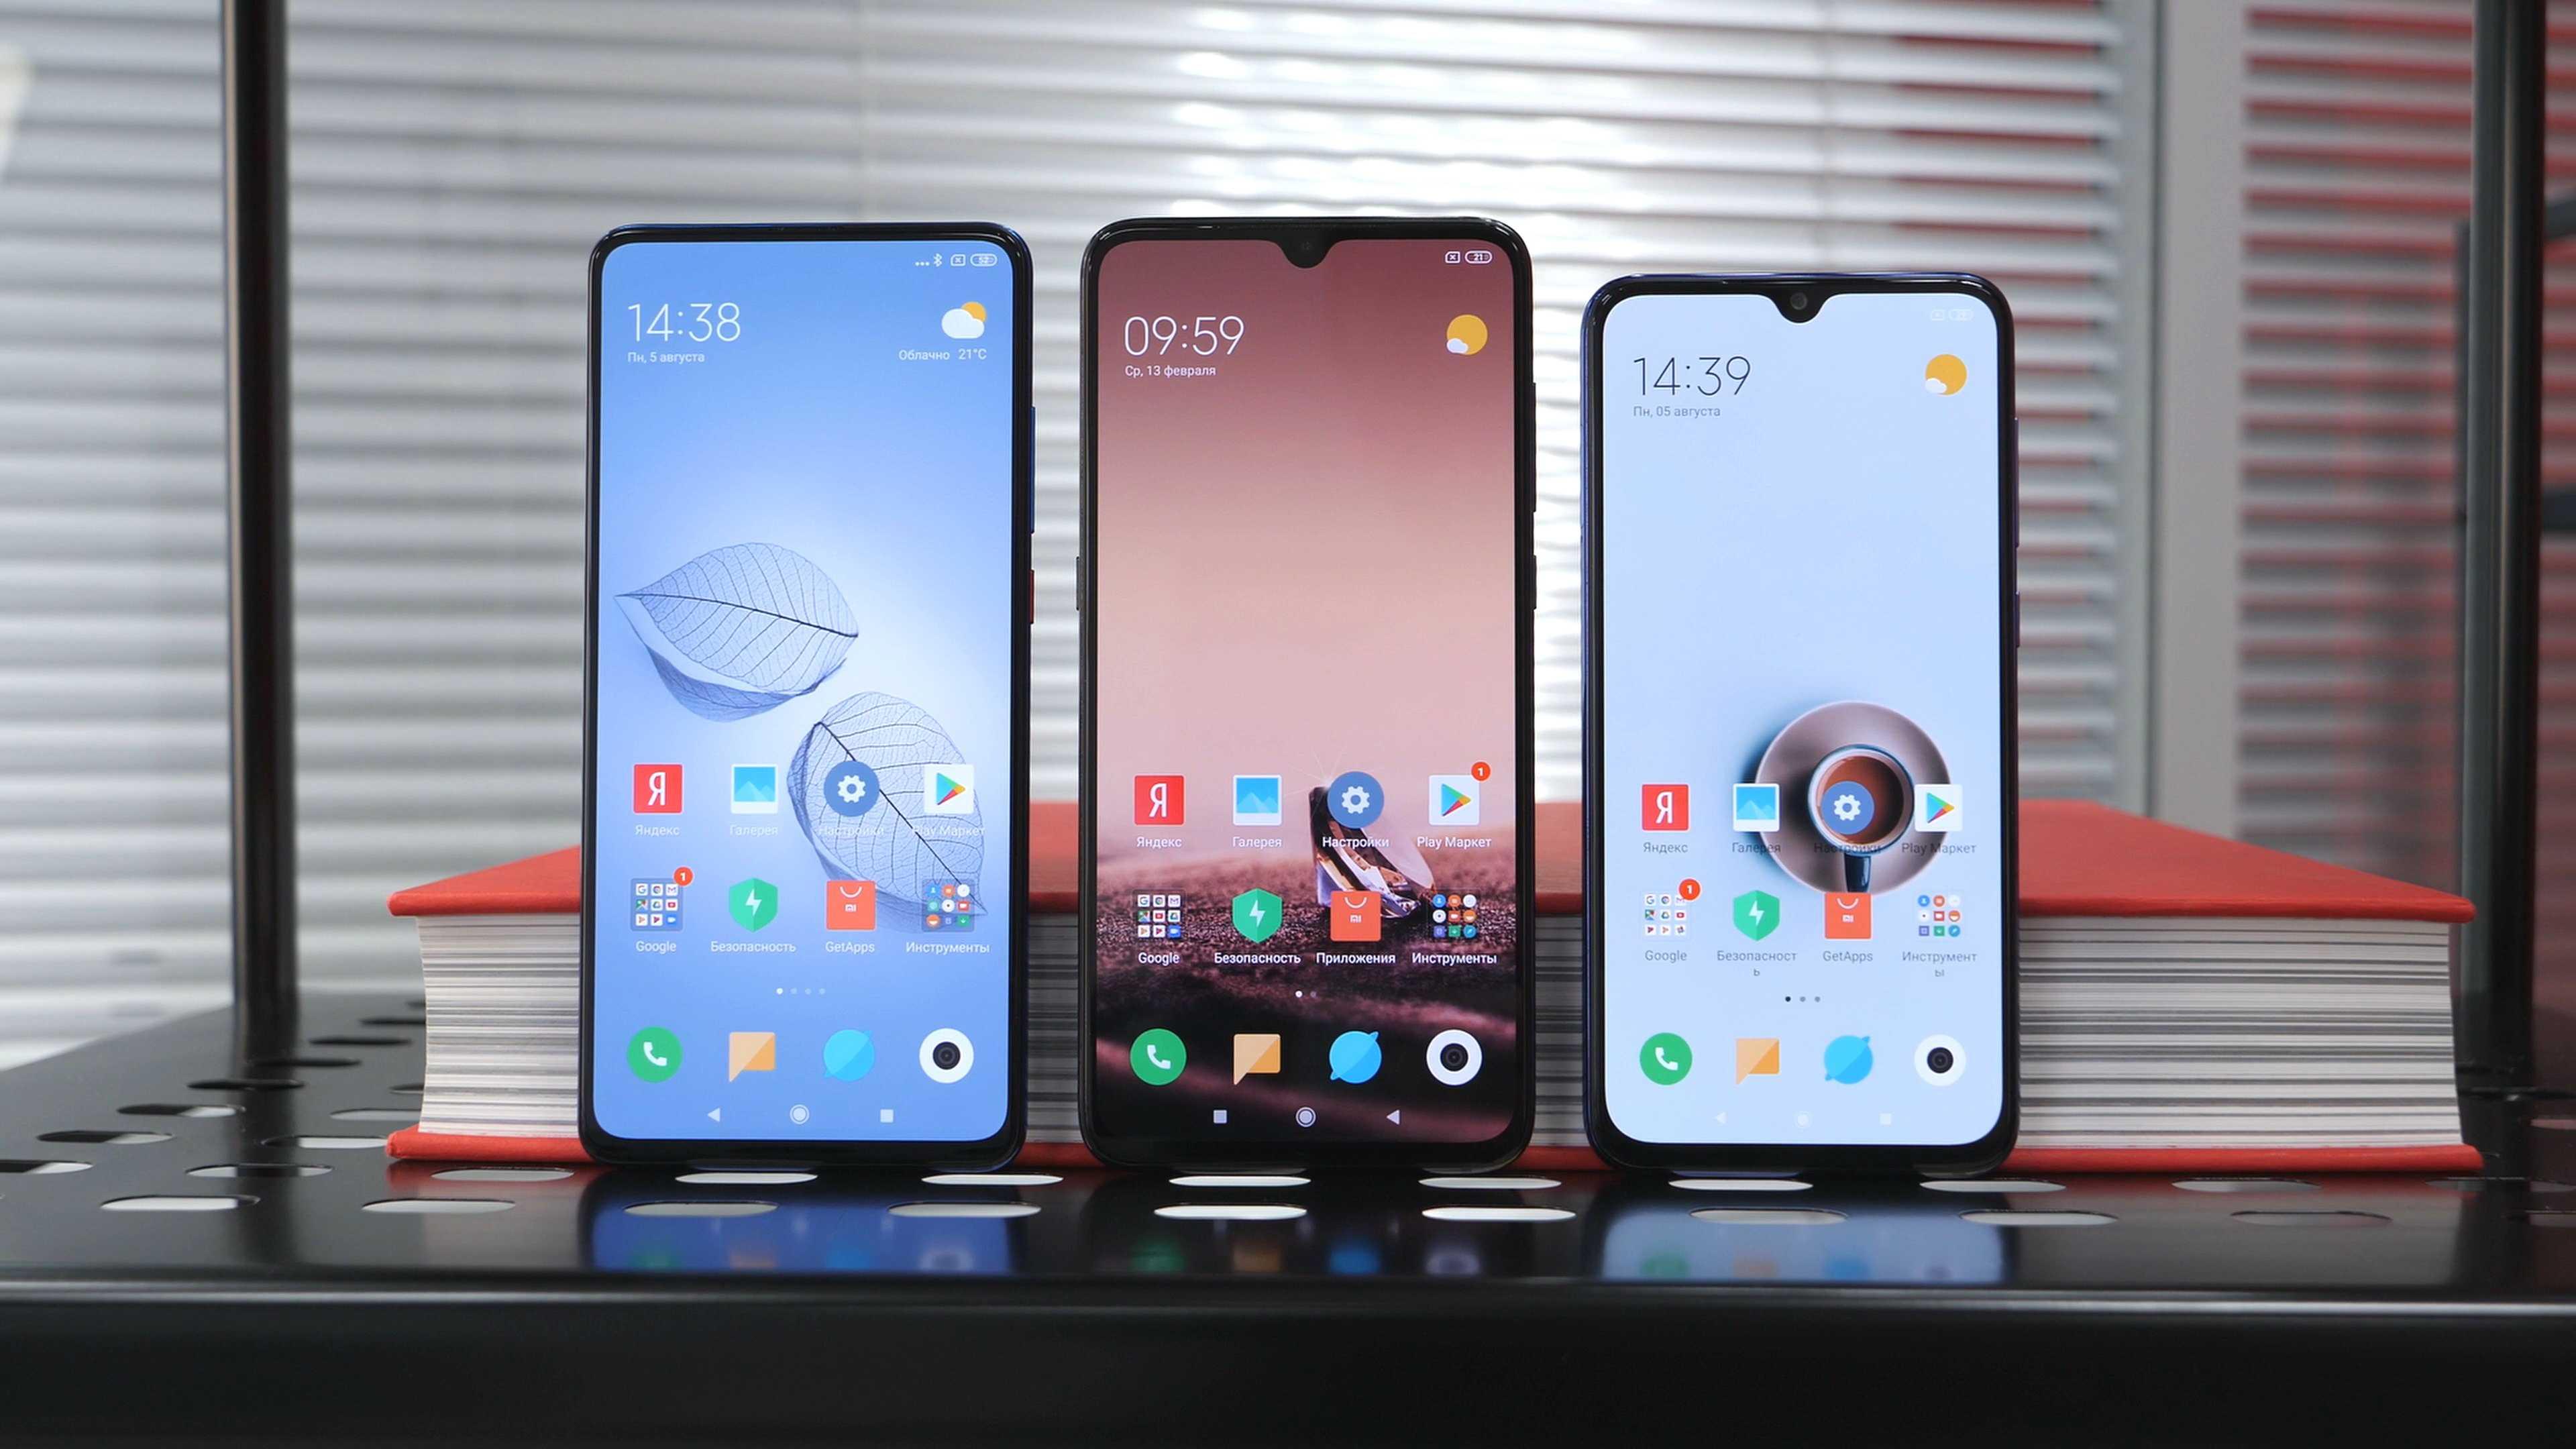 Так вот почему в смартфонах xiaomi столько встроенной рекламы! китайский бренд раскрыл карты…